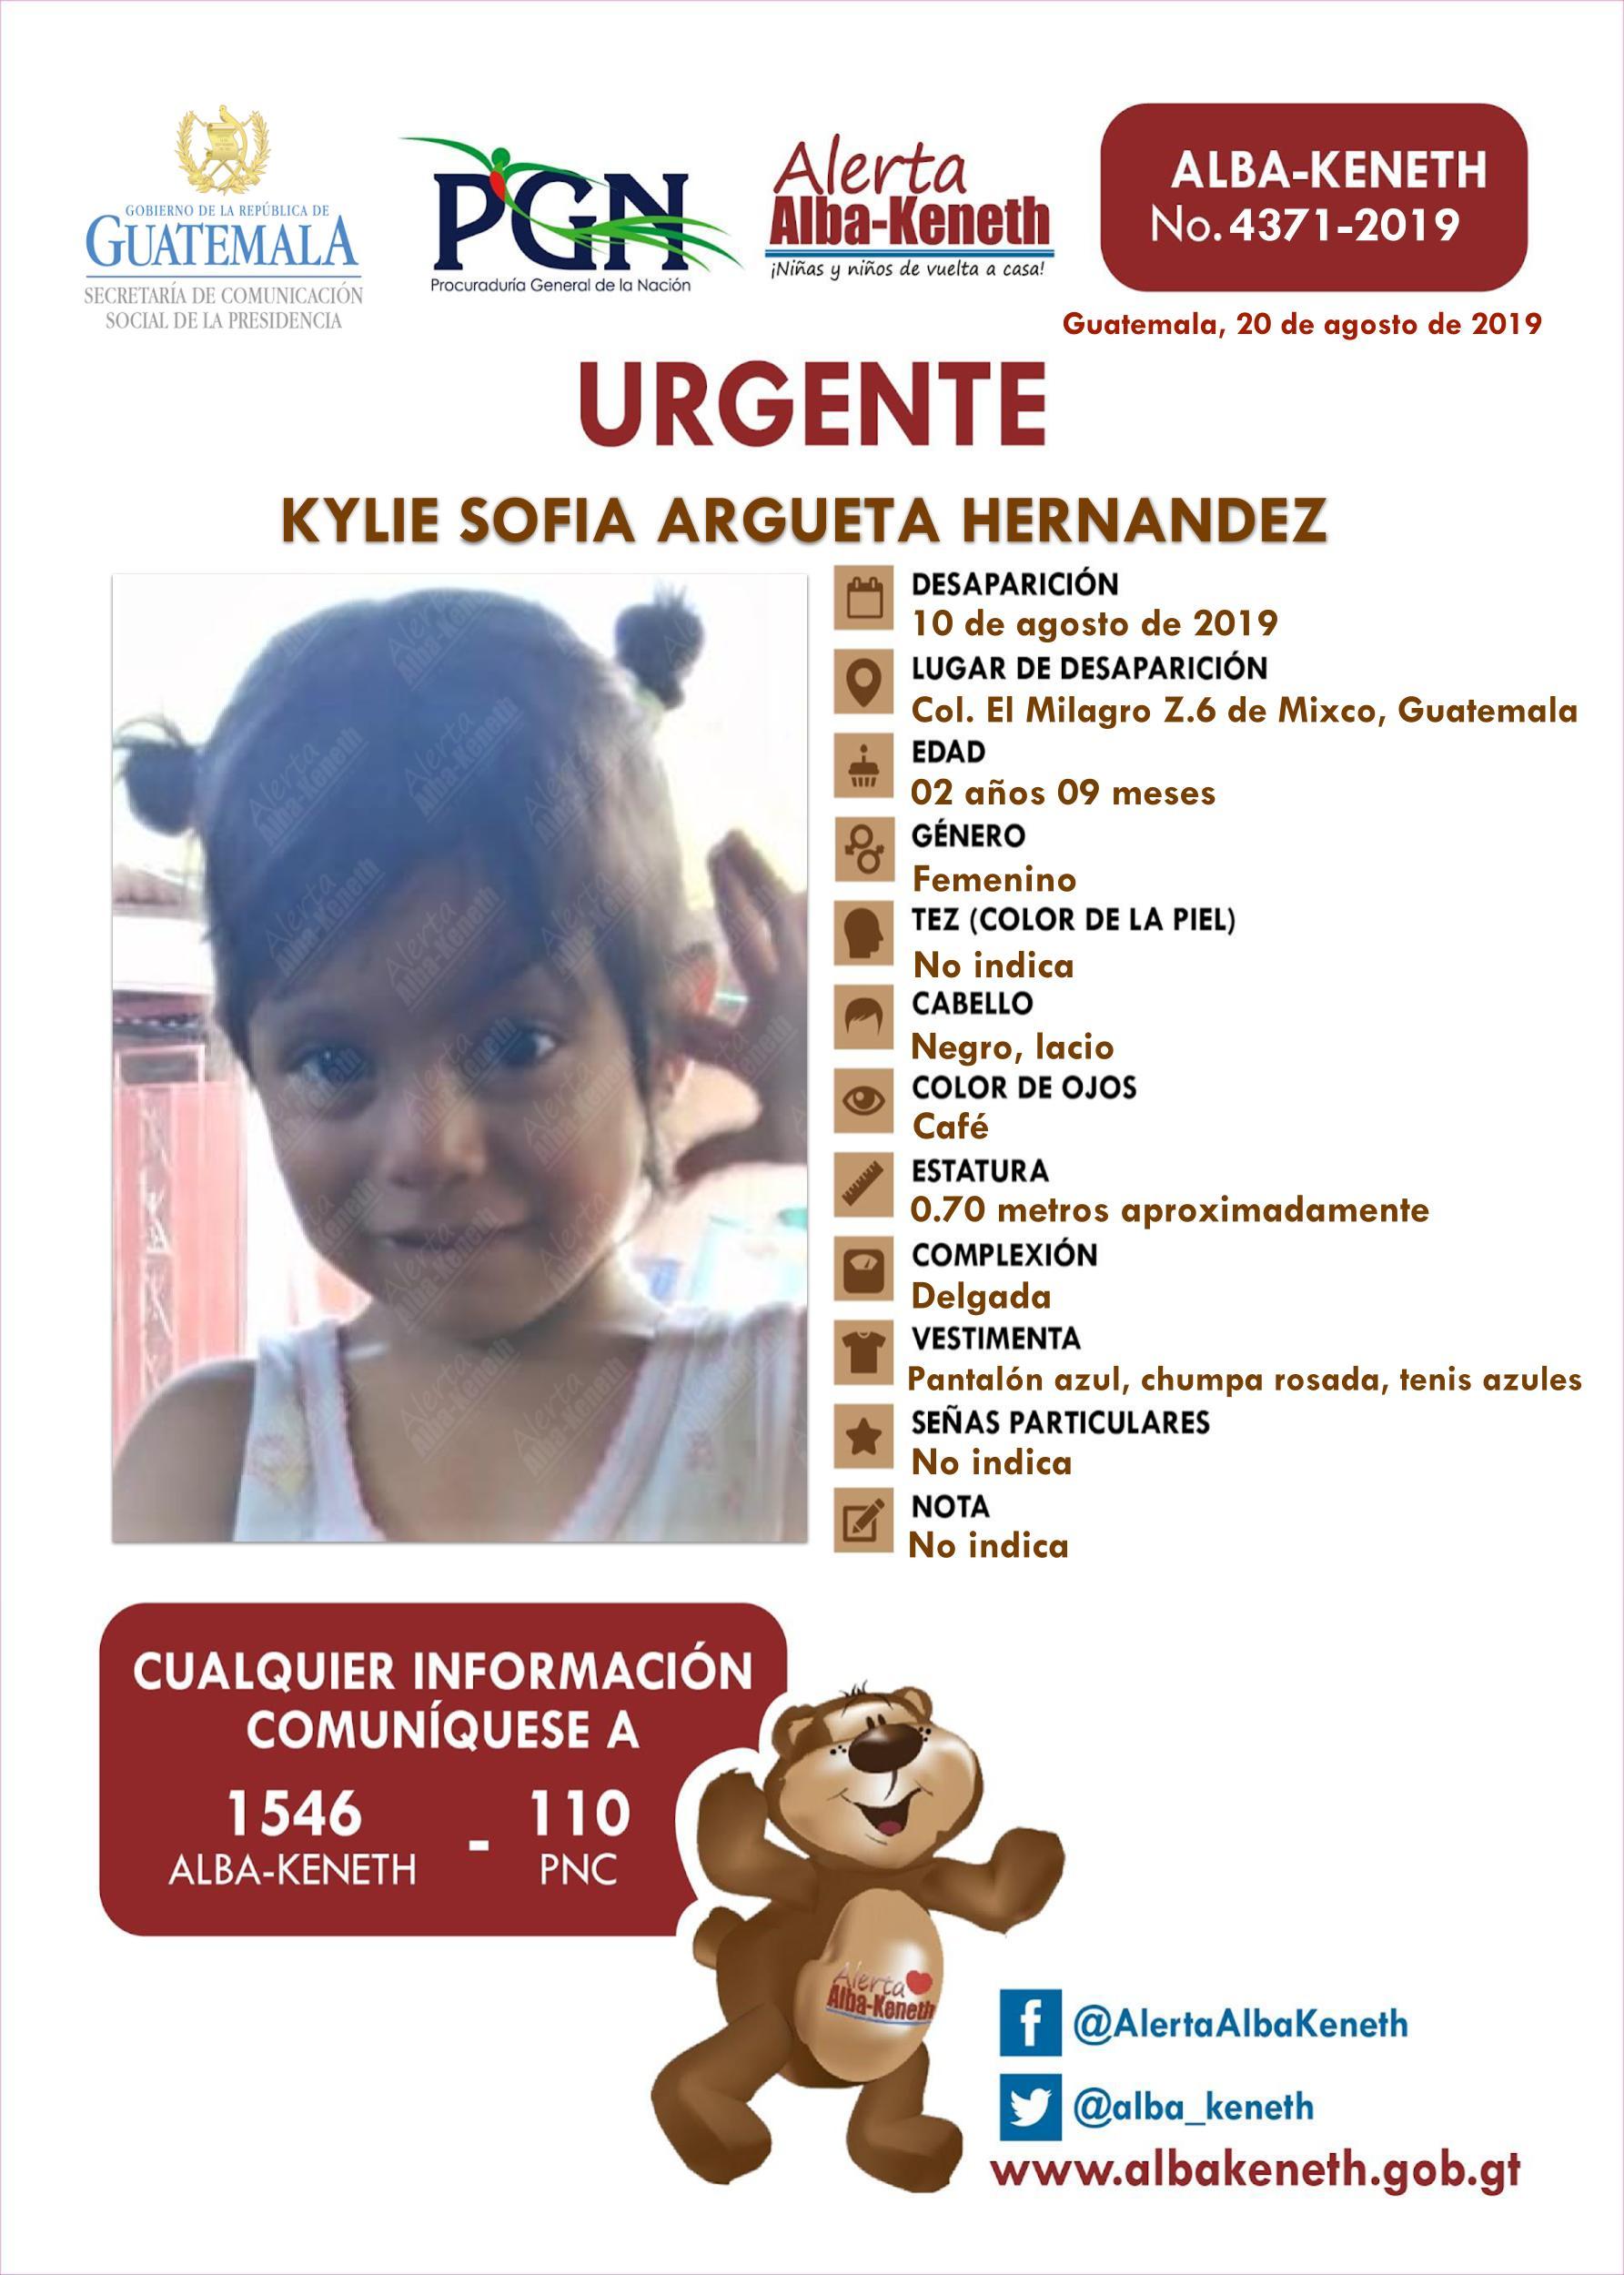 Kylie Sofia Argueta Hernandez